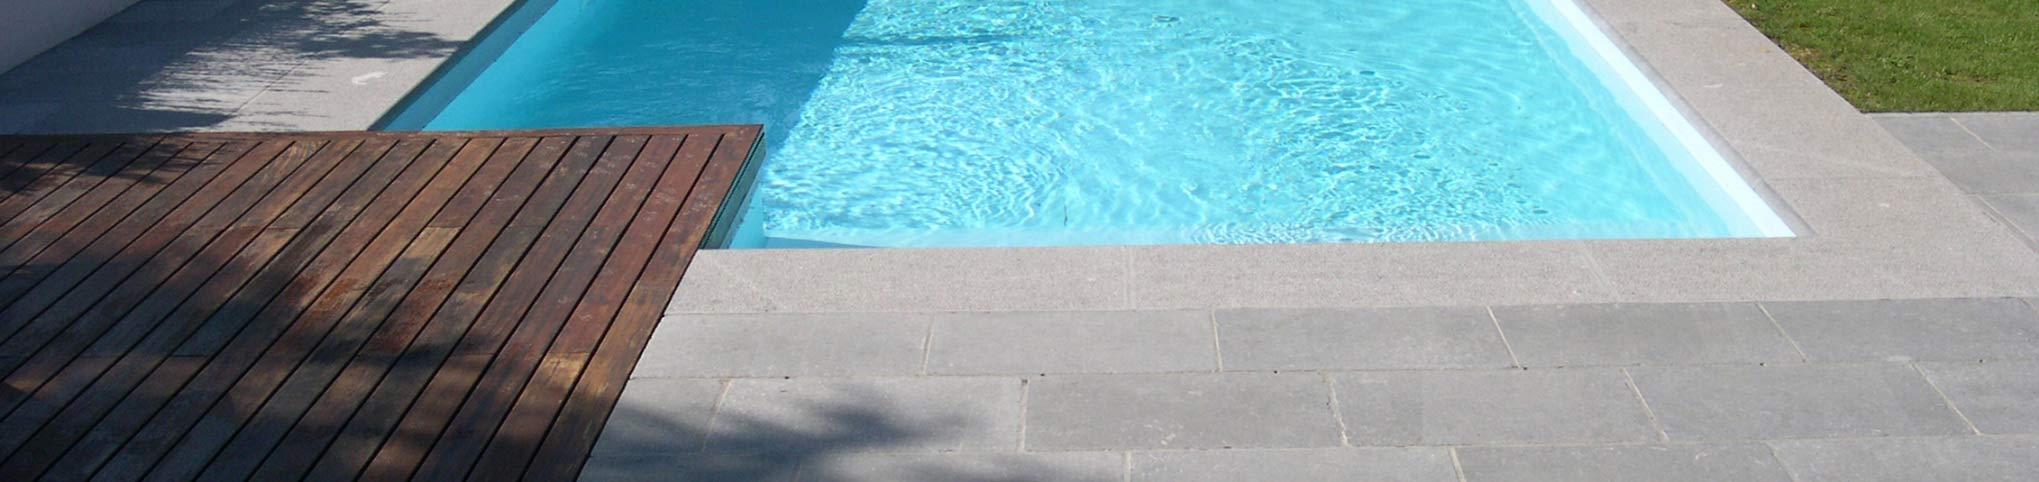 La pierre naturelle carri re briot saint servais namur for Accessoire piscine namur